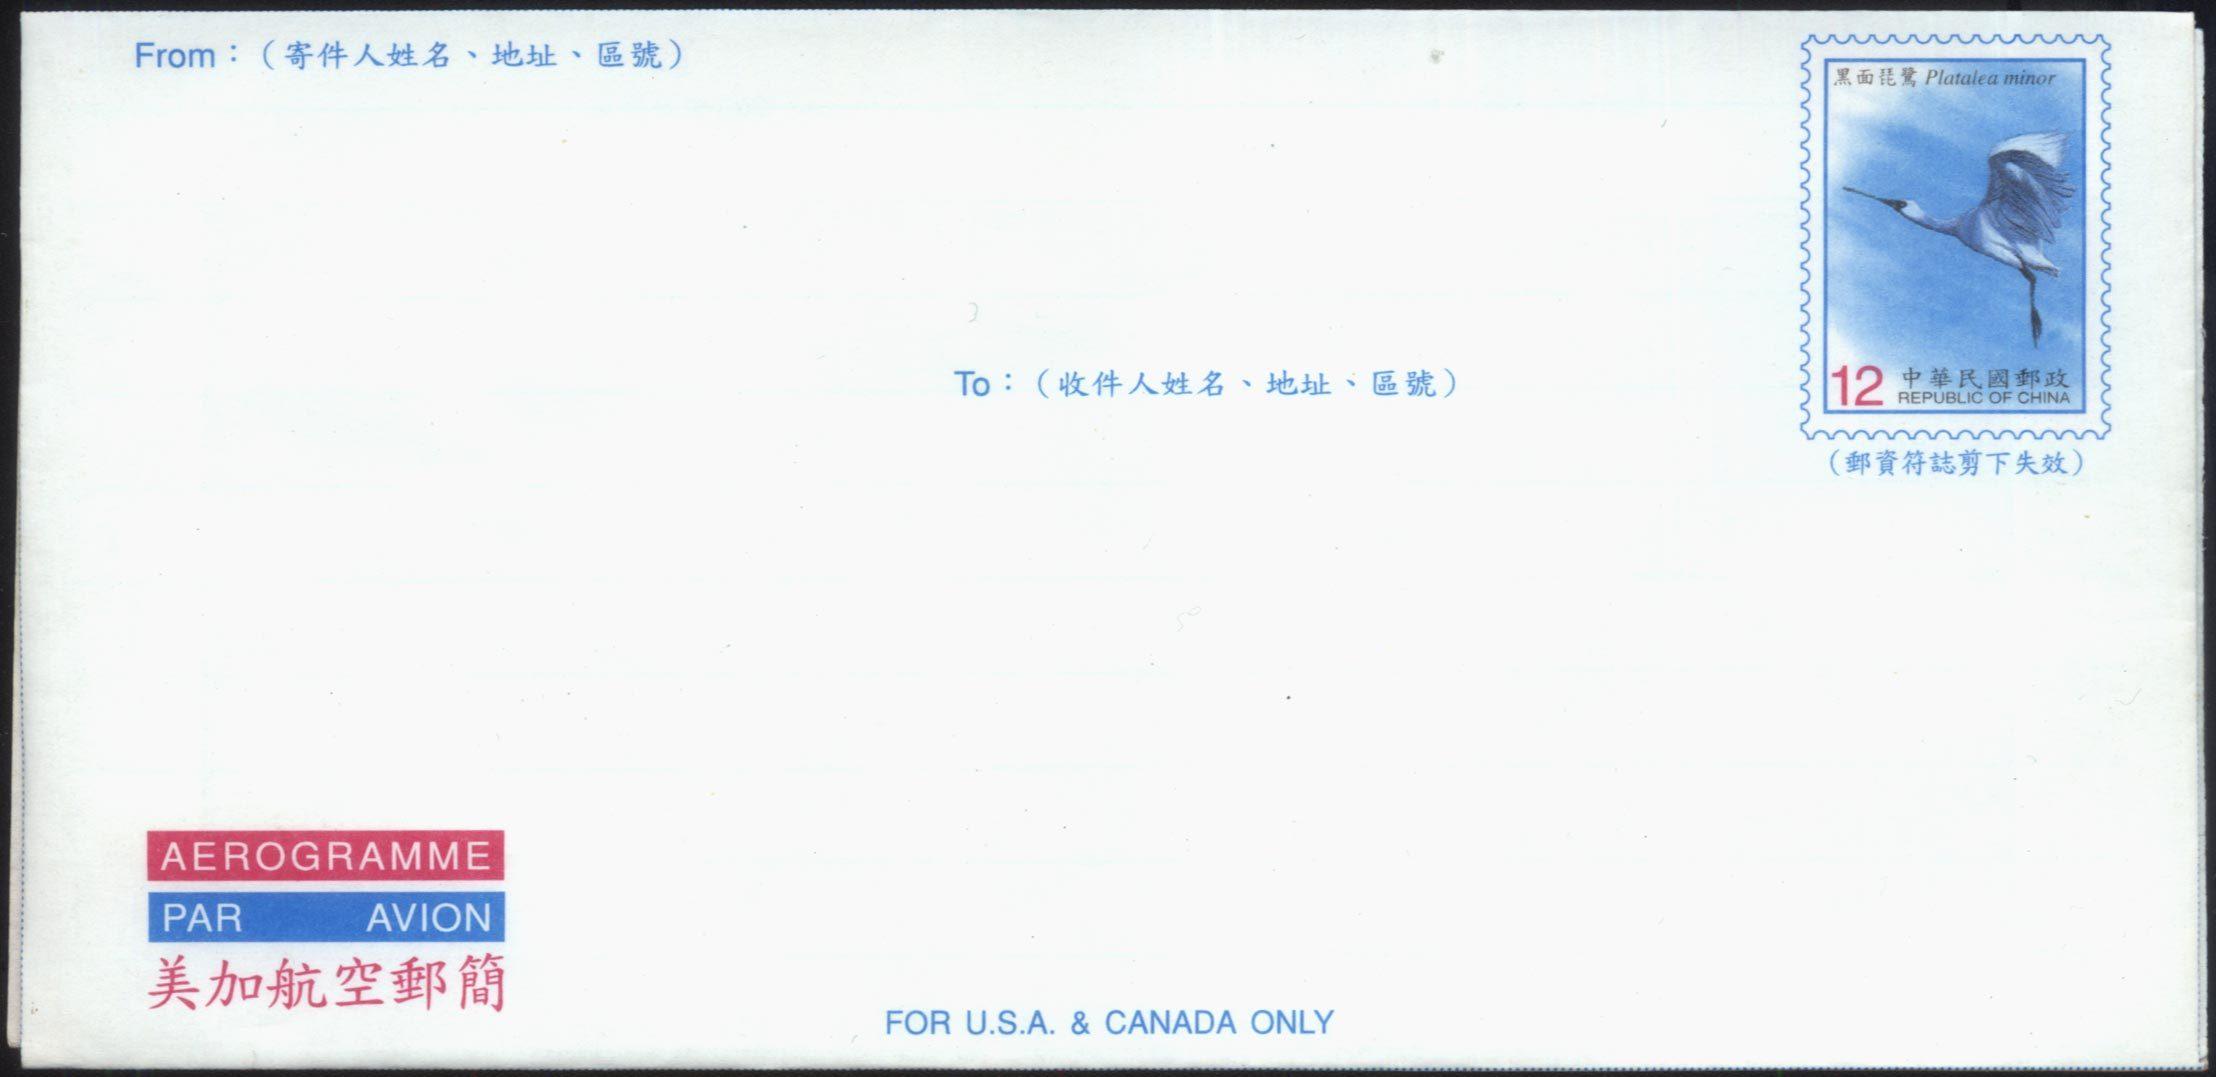 M-YJ4 китай taiwan'98 в процессе полет в черный лицо лютня цапля , прекрасный плюс авиация почта простой медаль